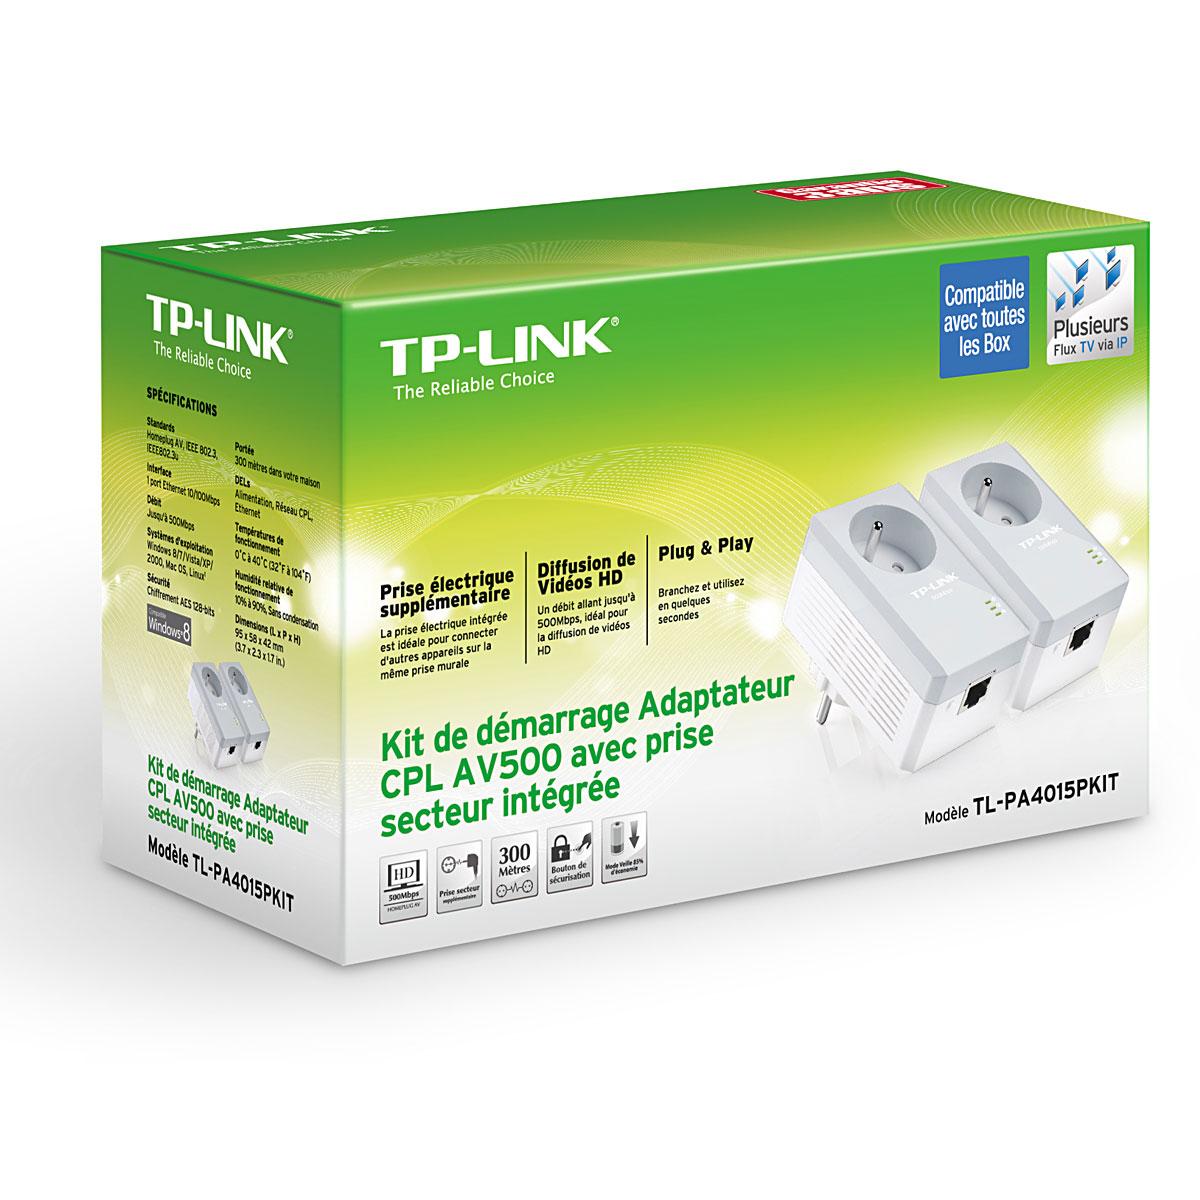 TP-Link TL-PA4015PKIT (500Mb) avec prise - Pack de 2  - Adaptateur CPL - 1